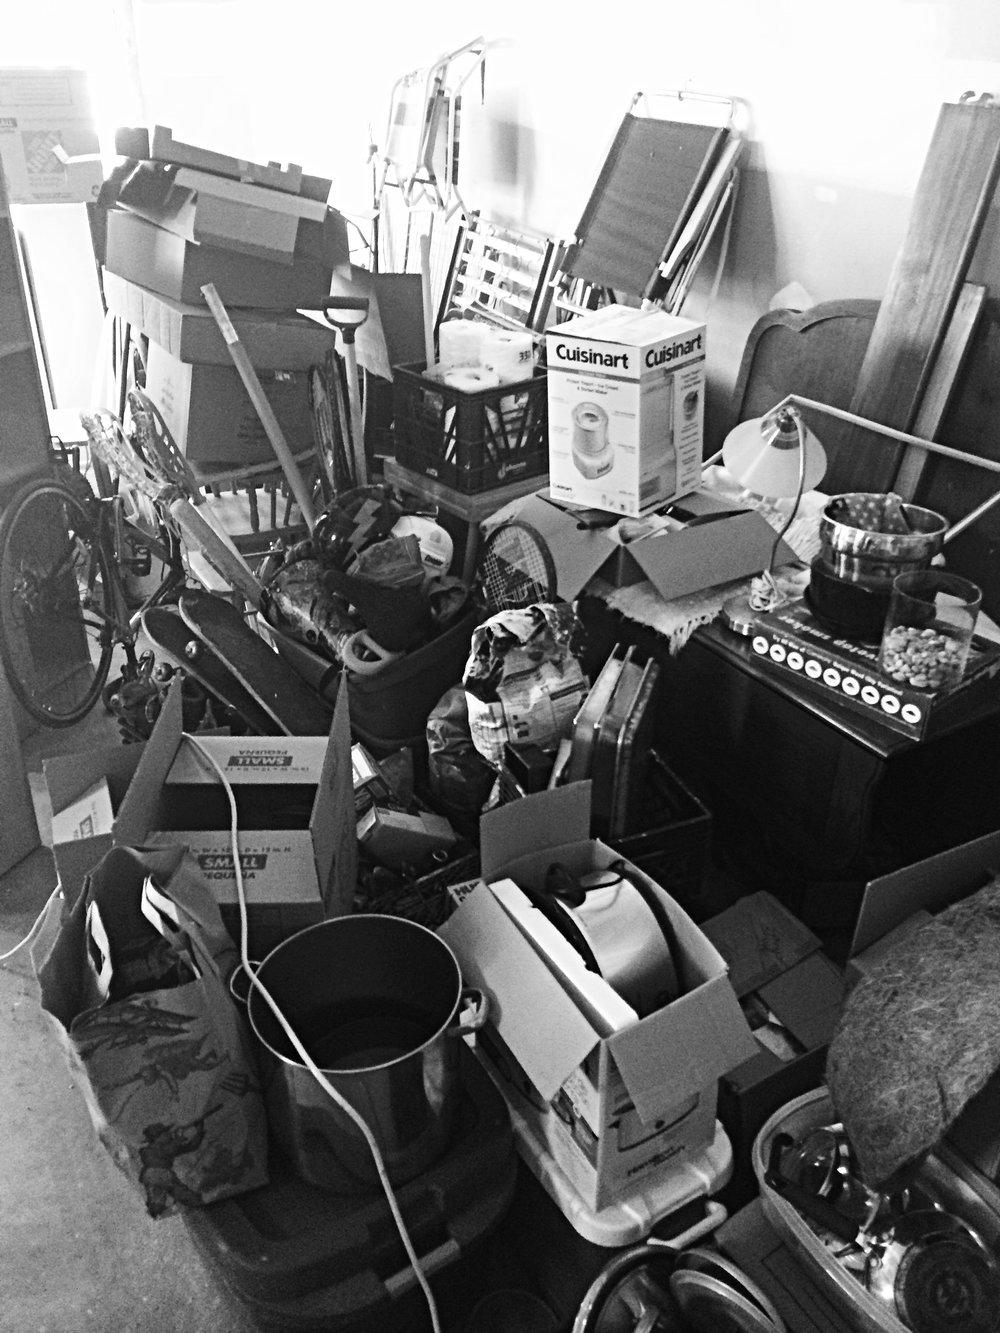 quantity of junk